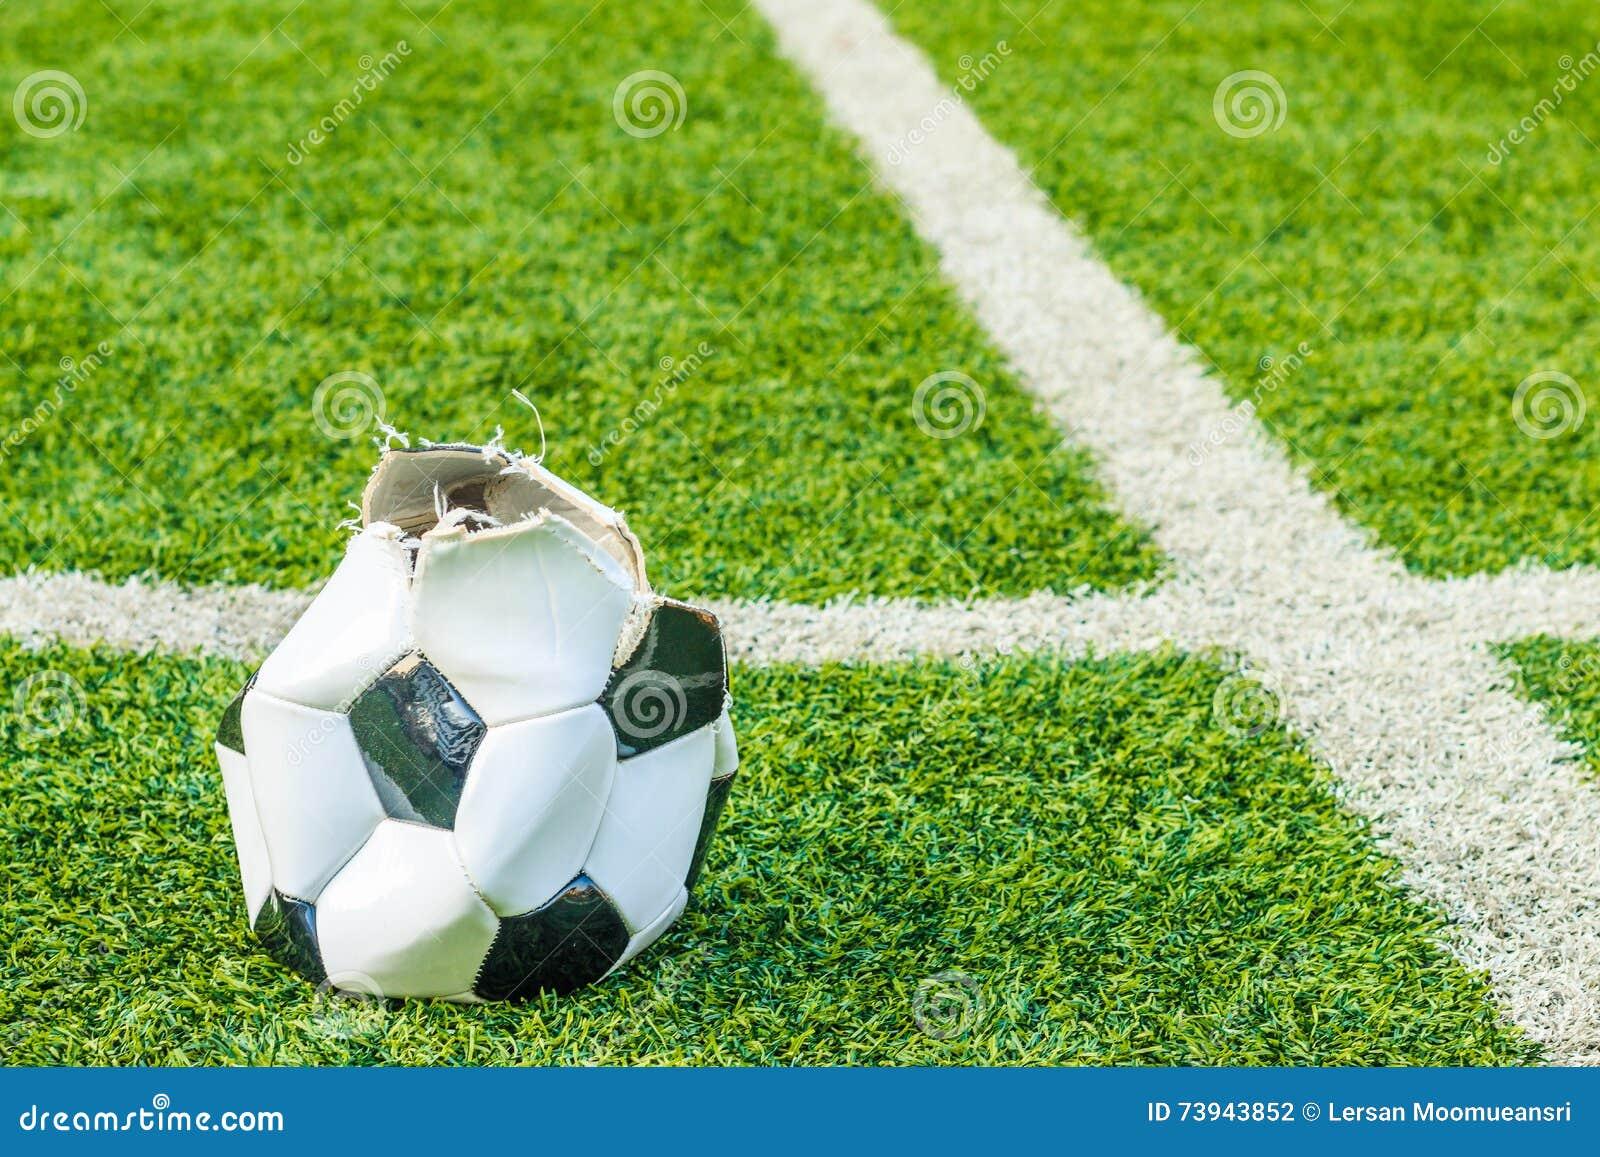 Pallone da calcio dilapidato nel tappeto erboso for Tappeto erboso a rotoli prezzi